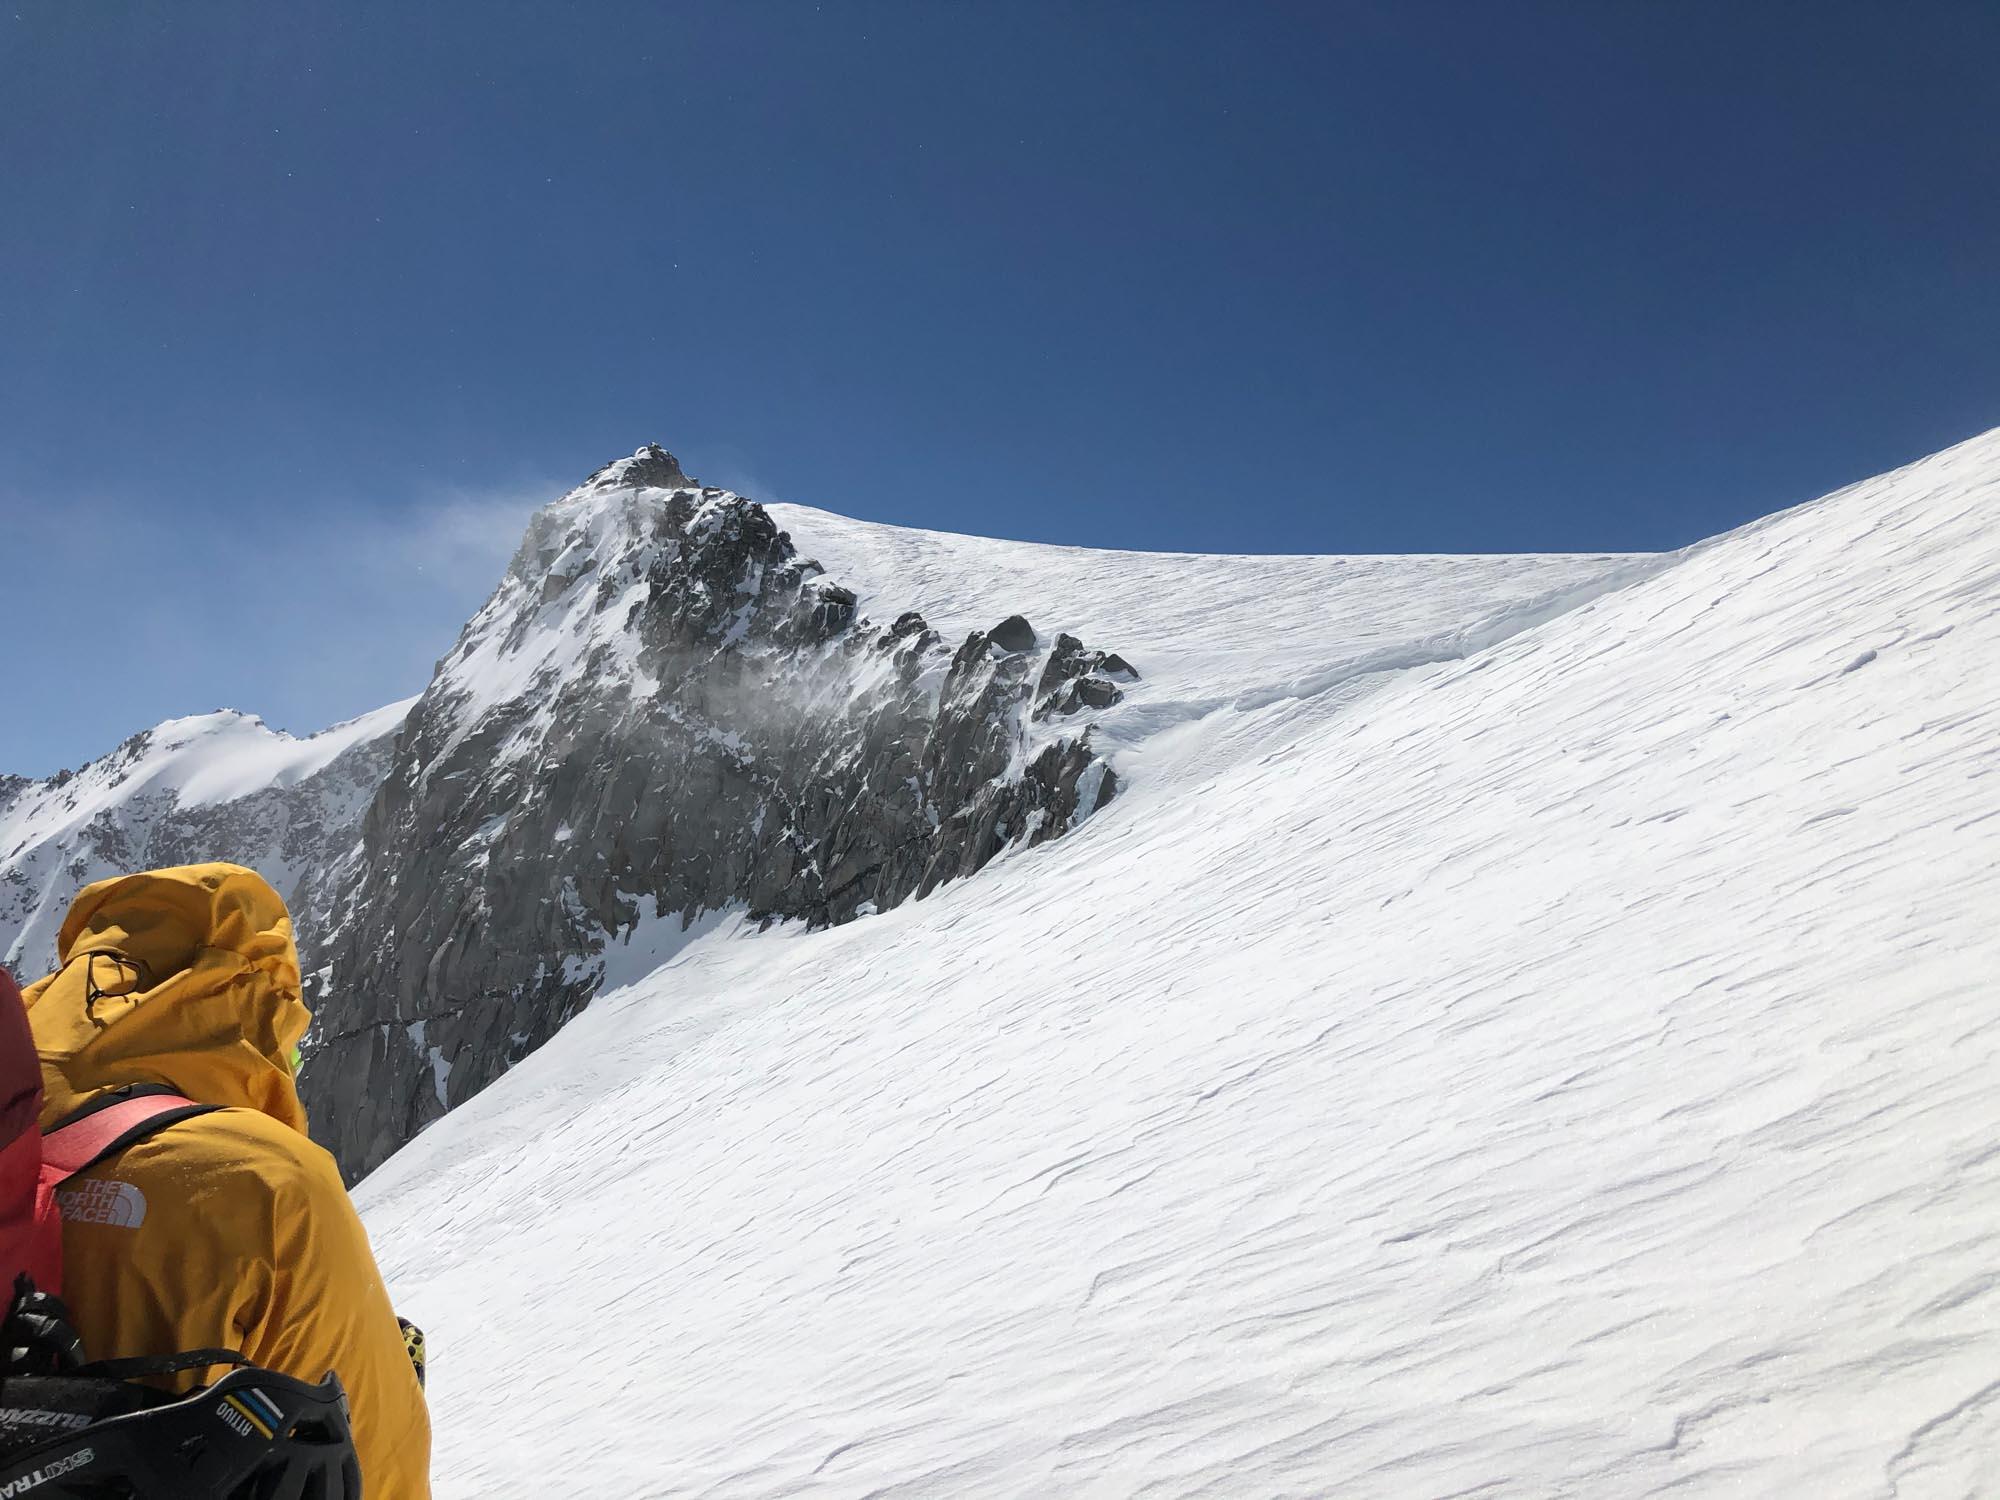 ALPINIST: Junge Alpinisten berichten von ihrer Skiüberschreitung